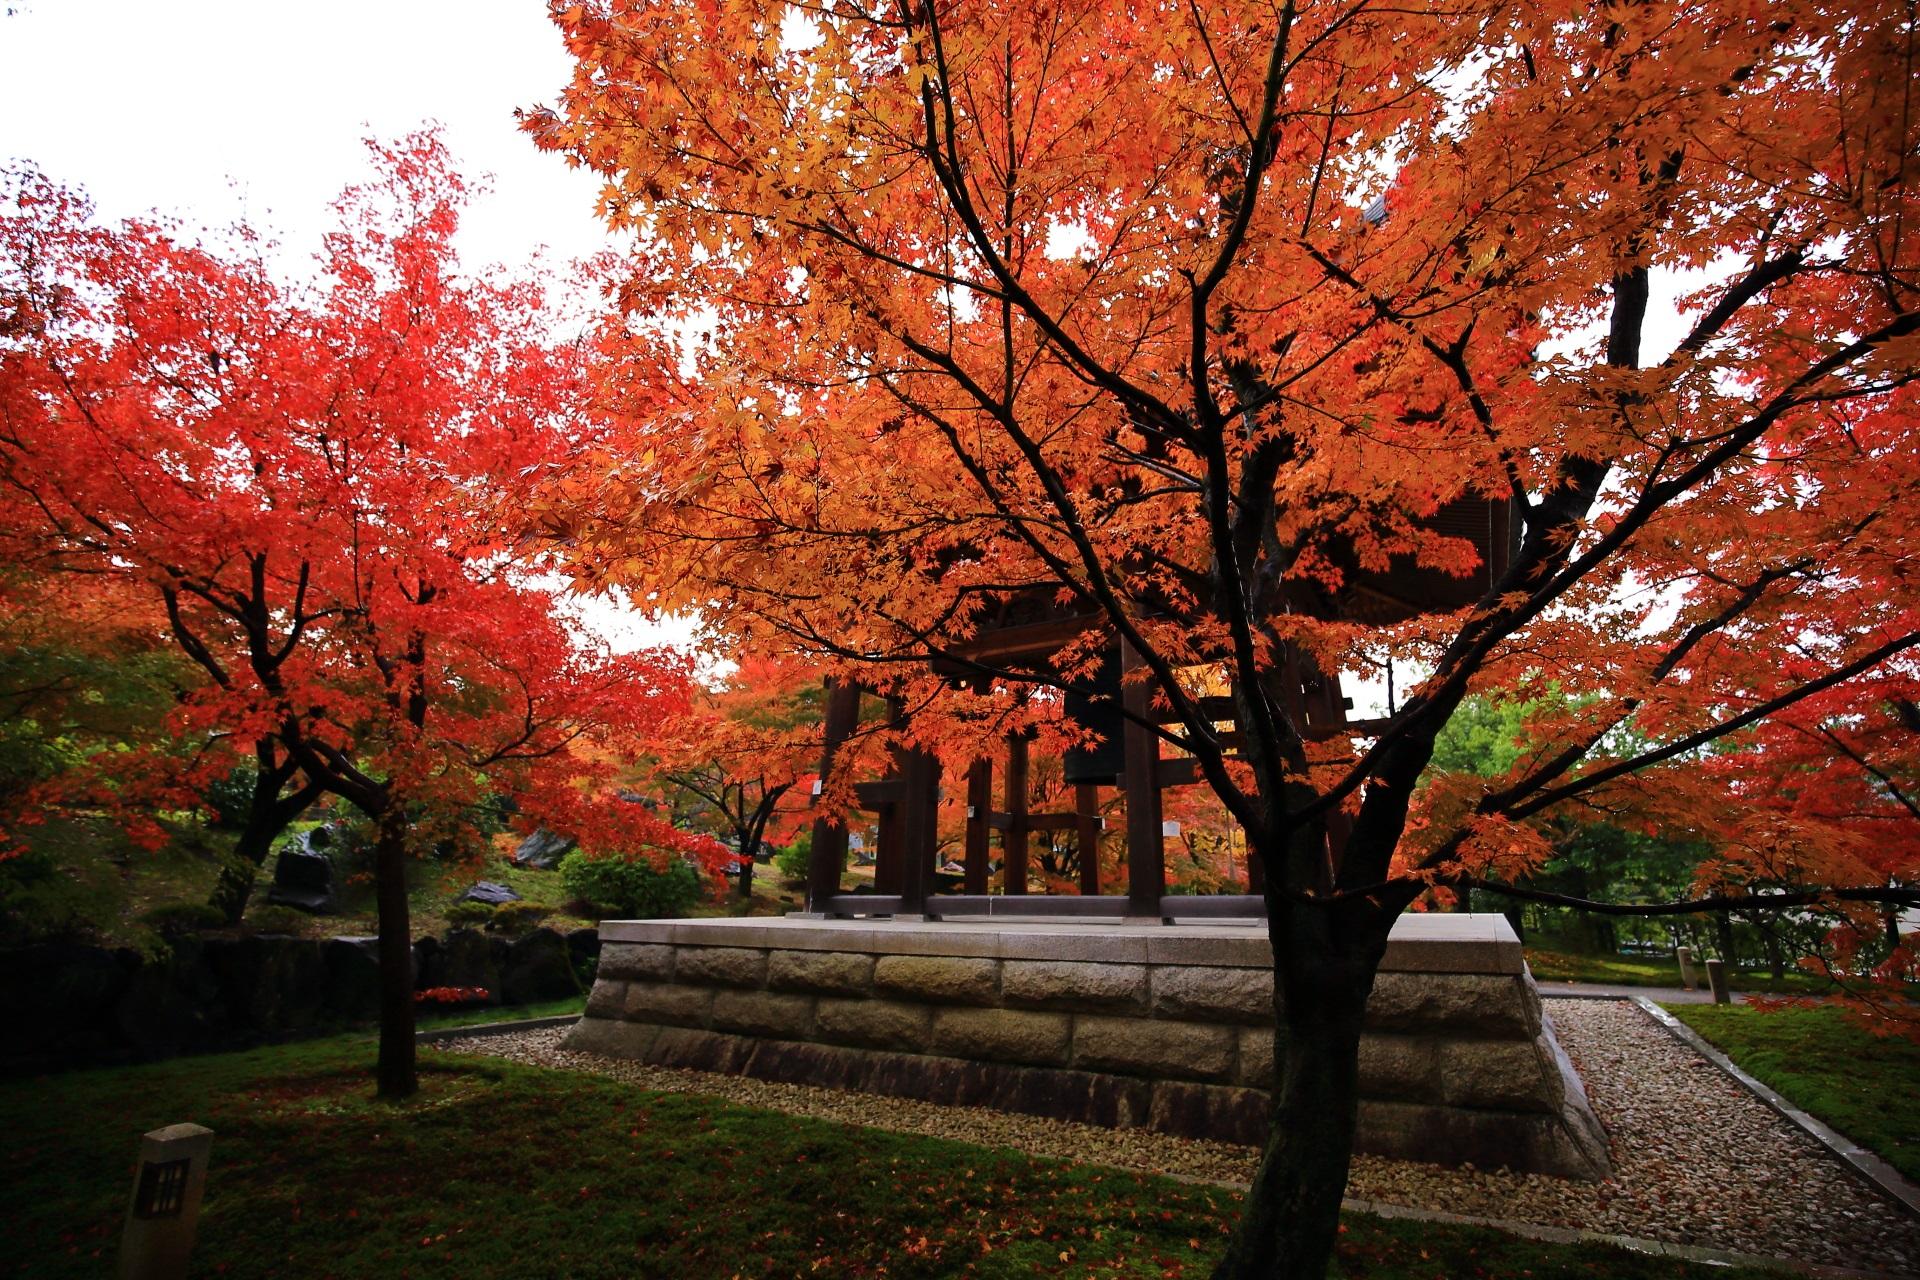 智積院の静かな鐘楼をつつみこむ溢れる紅葉